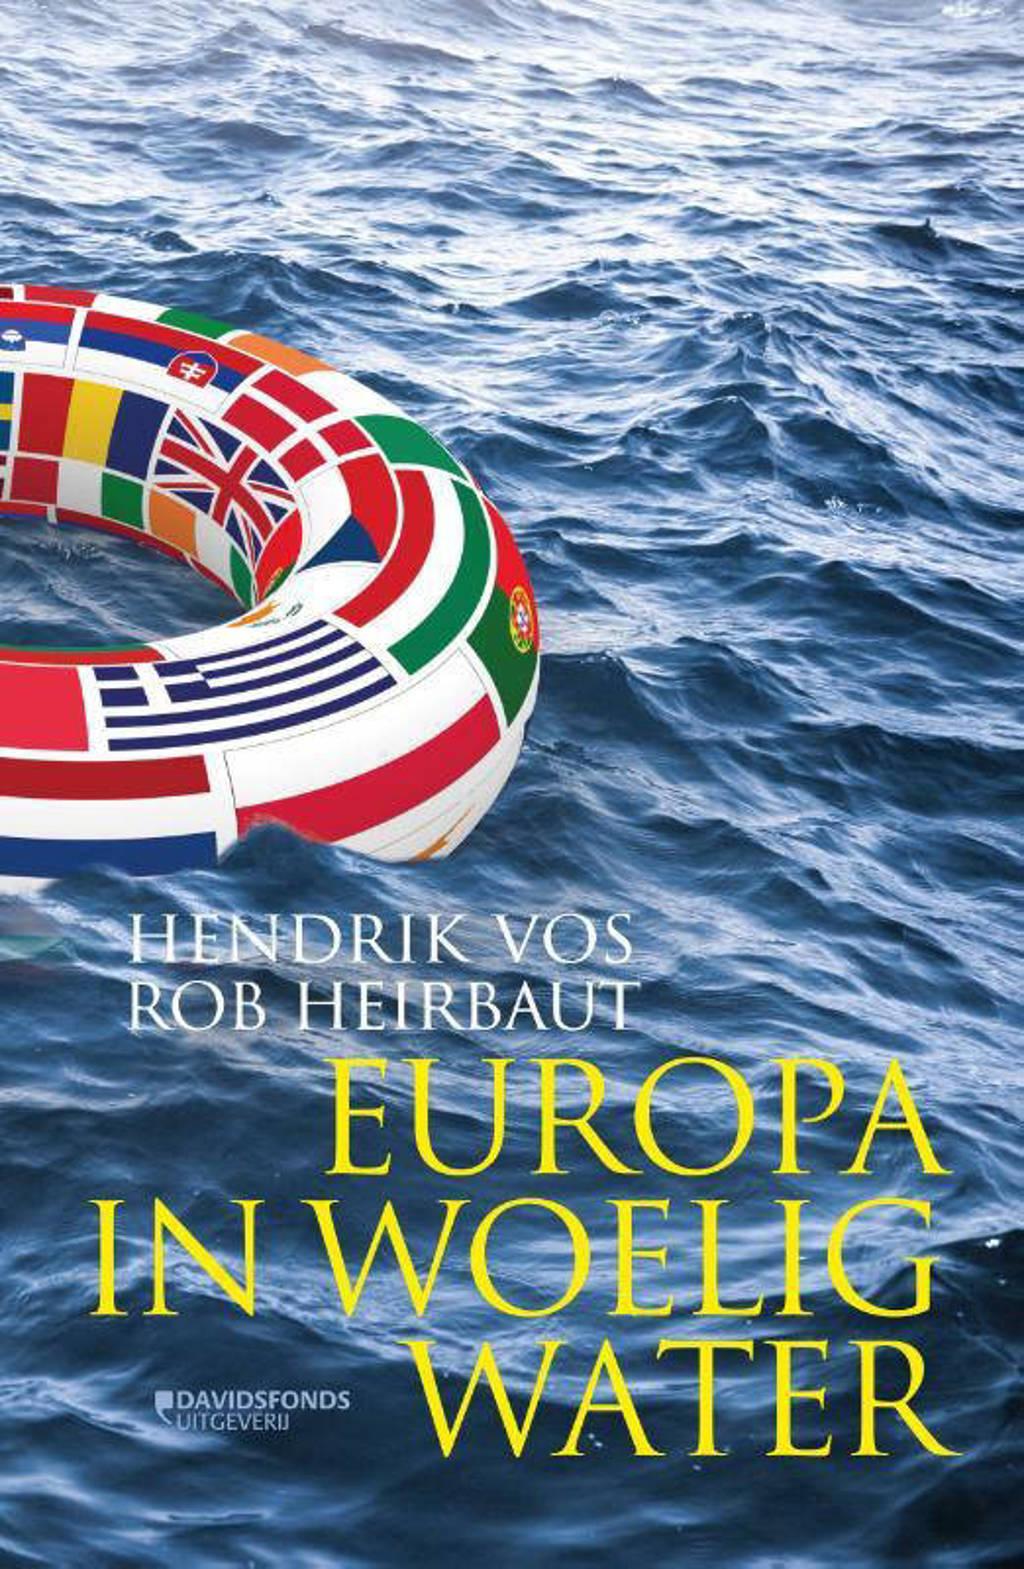 Europa in woelig water - Hendrik Vos en Rob Heirbaut